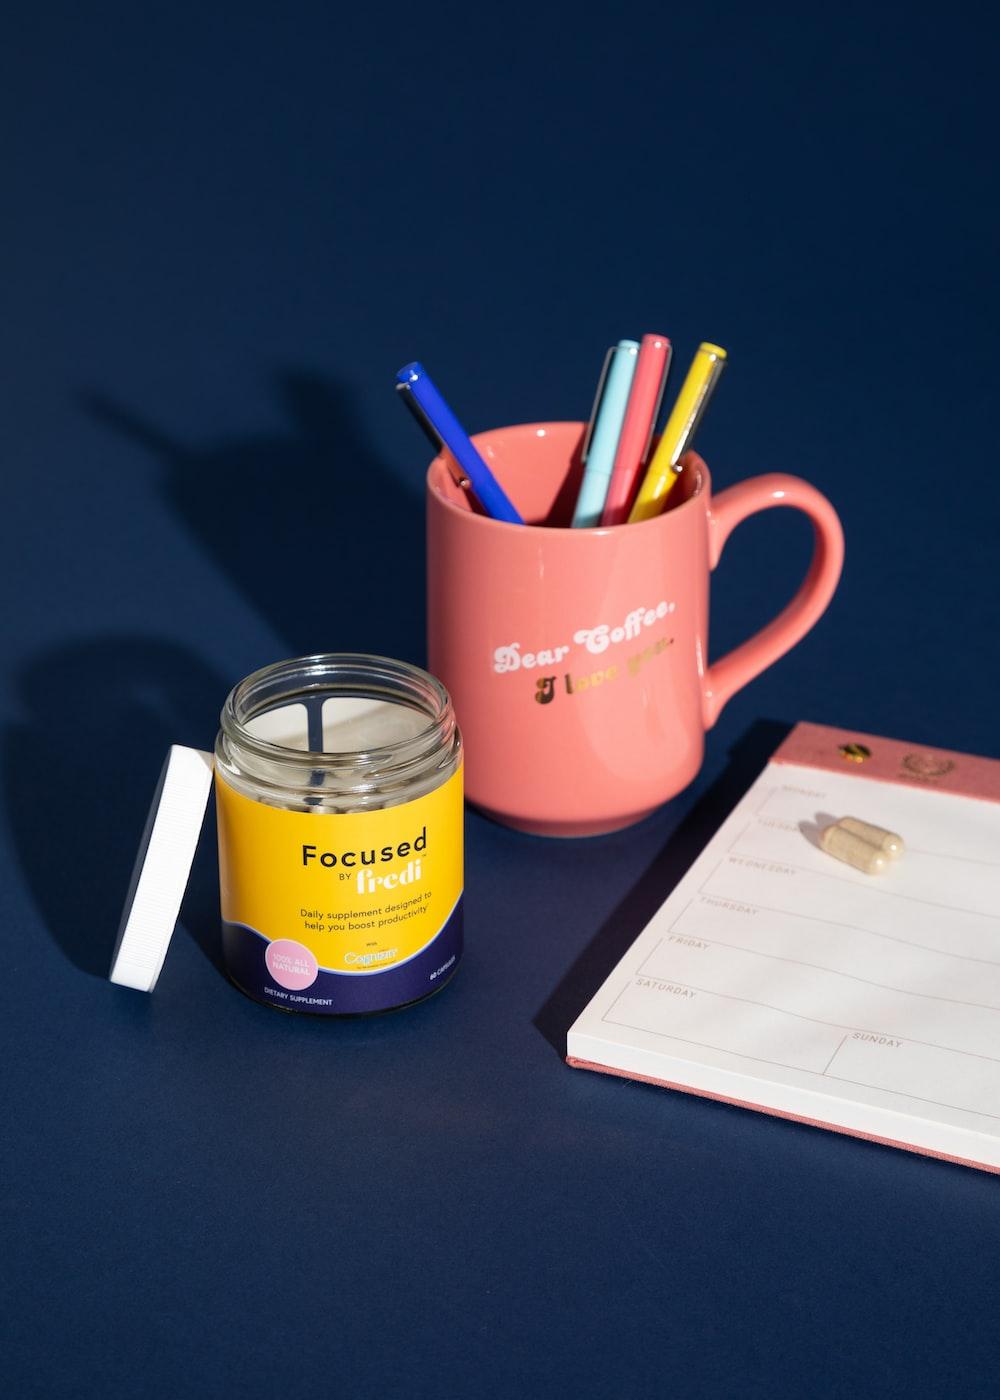 red ceramic mug with pens and pencils